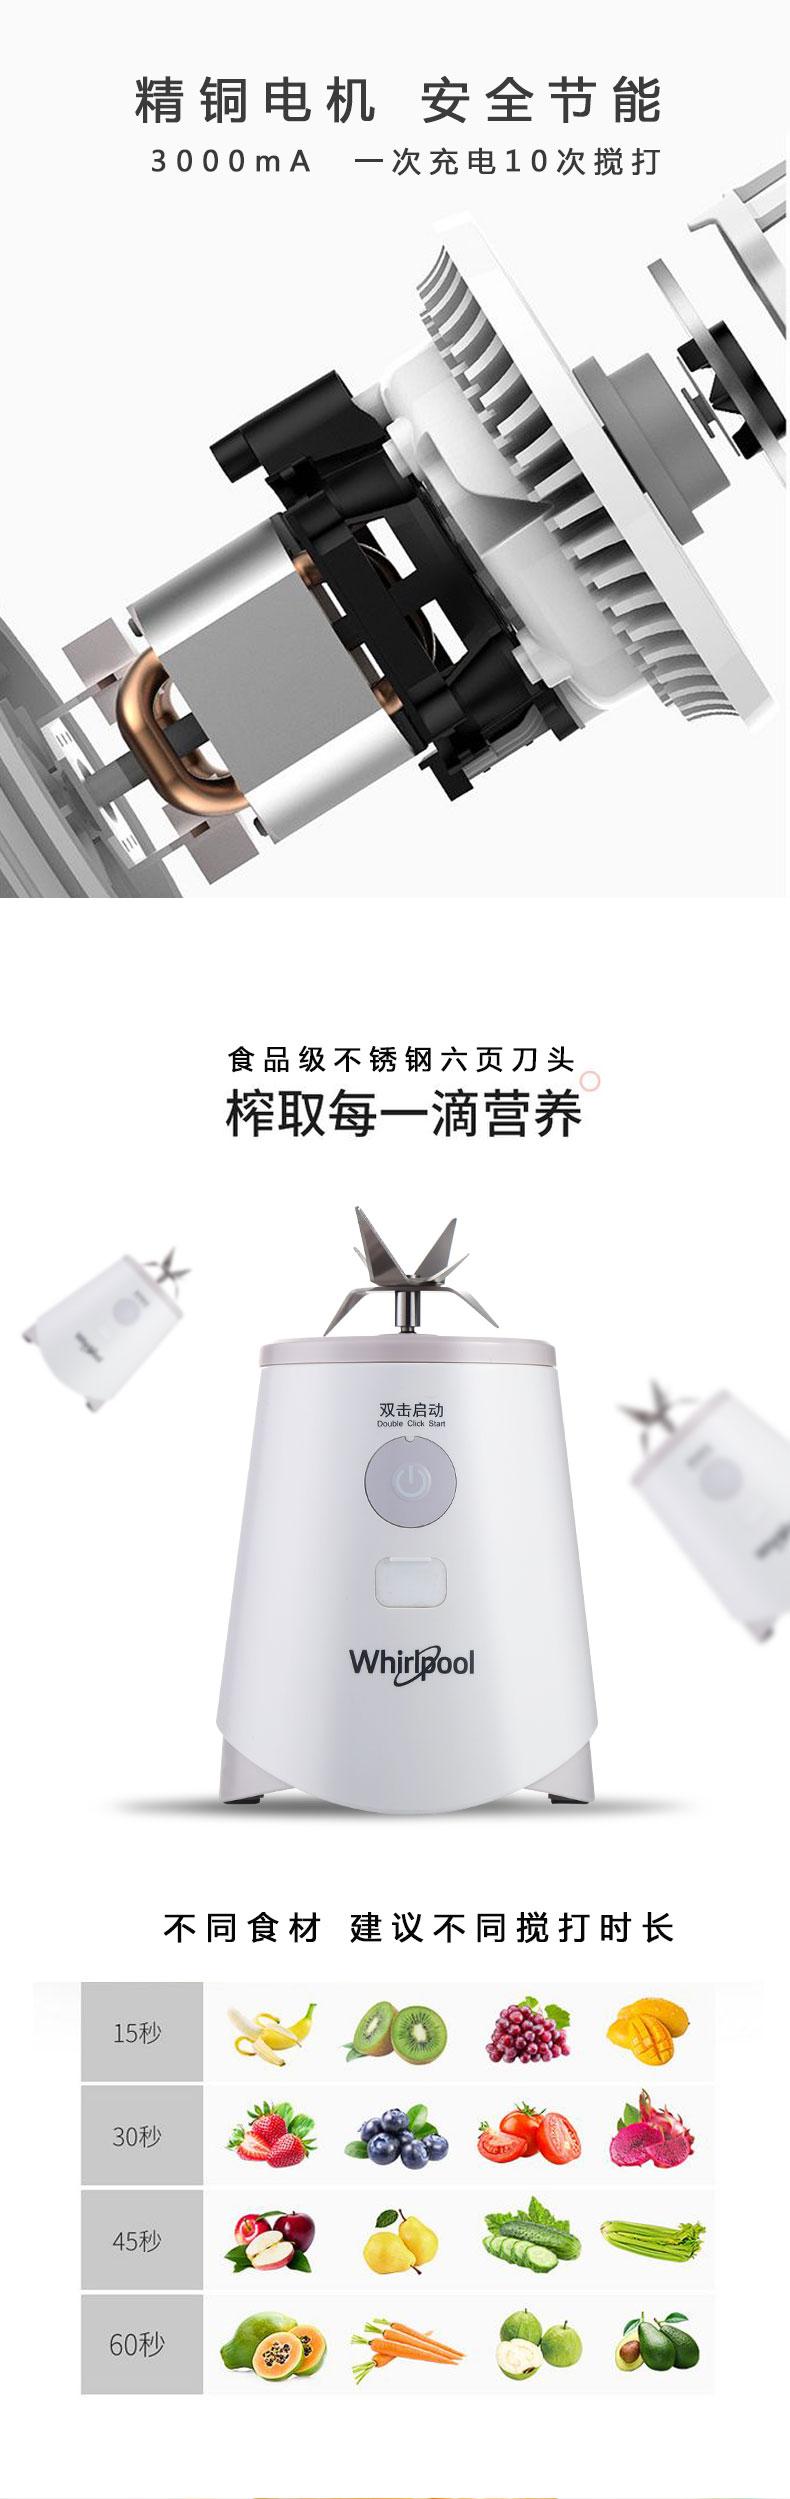 【苏宁专供】惠而浦搅拌机WBL-MS072Z-C(灰色)